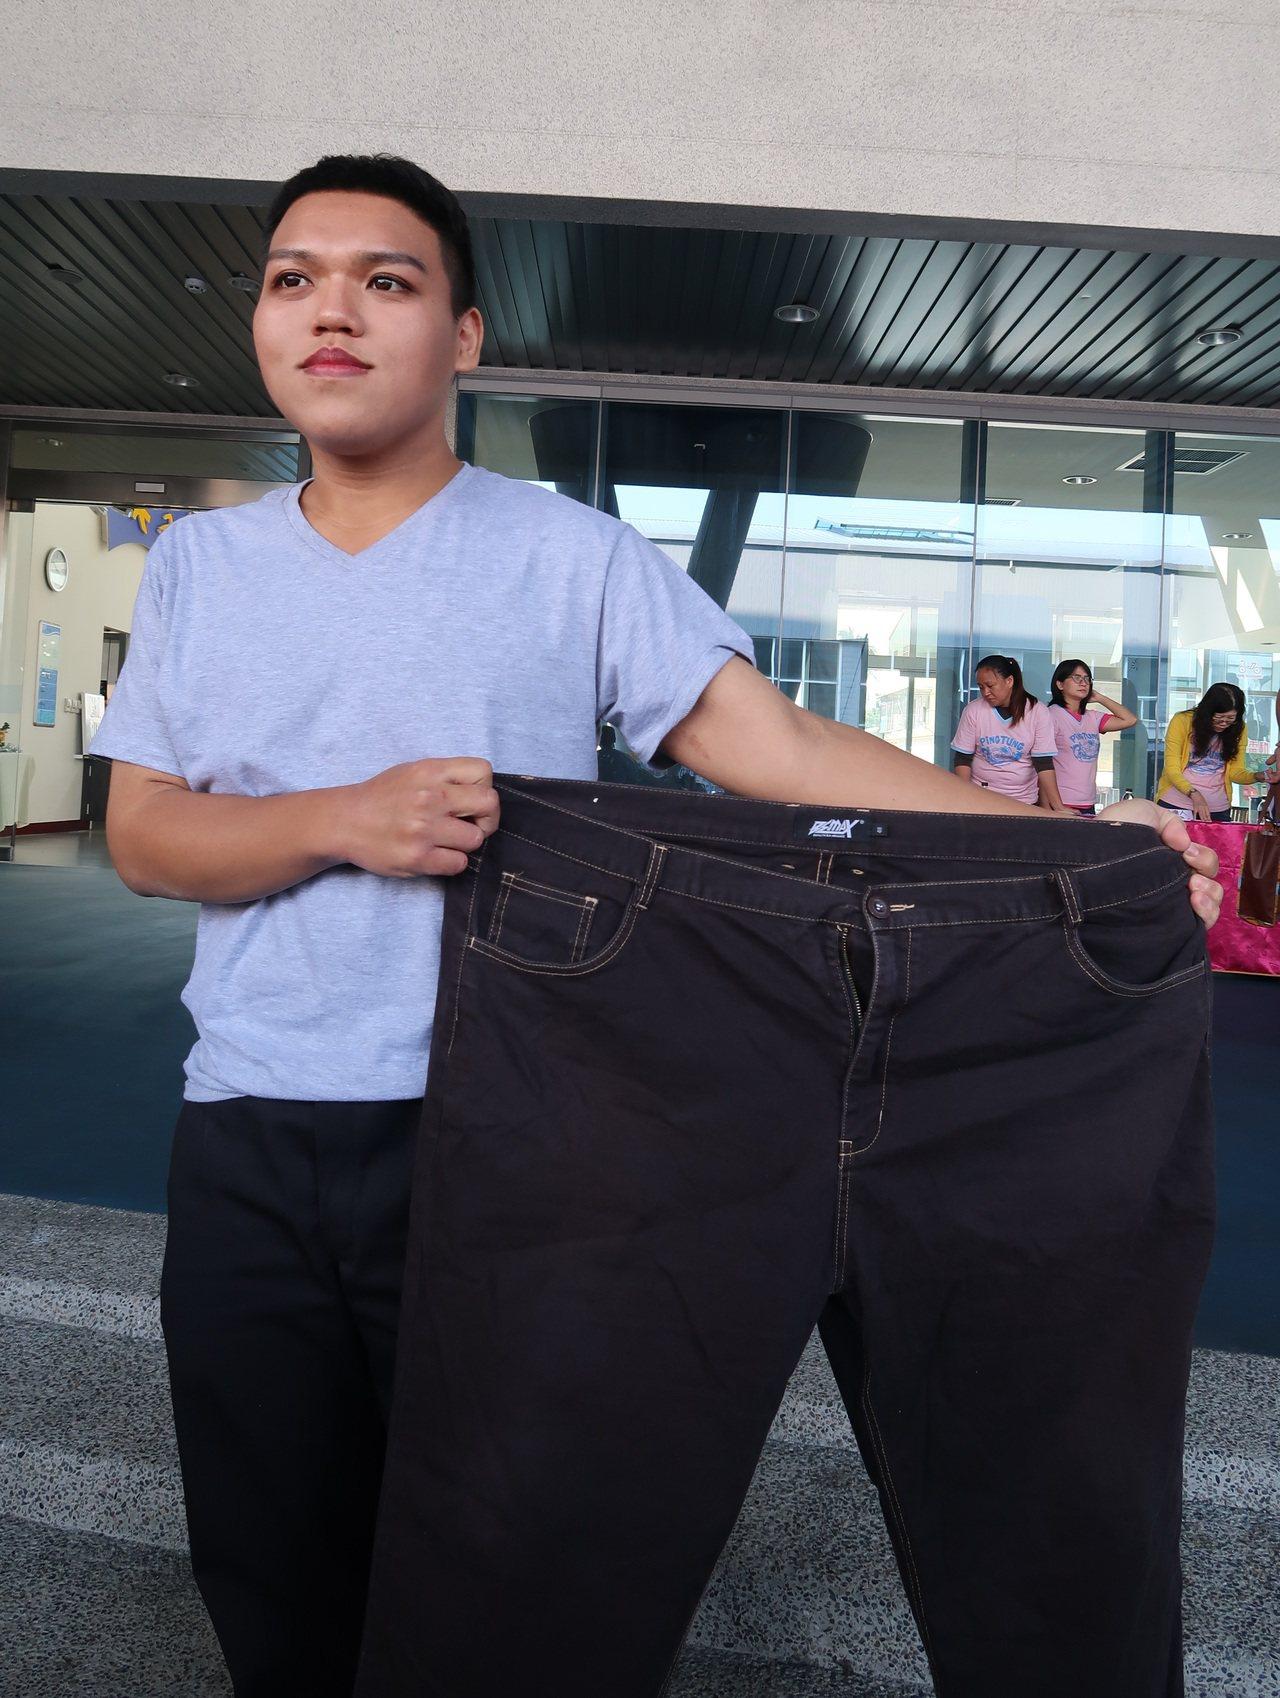 陳子威成功減重61公斤,和以前的褲子相比,足足小了一大圈。記者翁禎霞/攝影